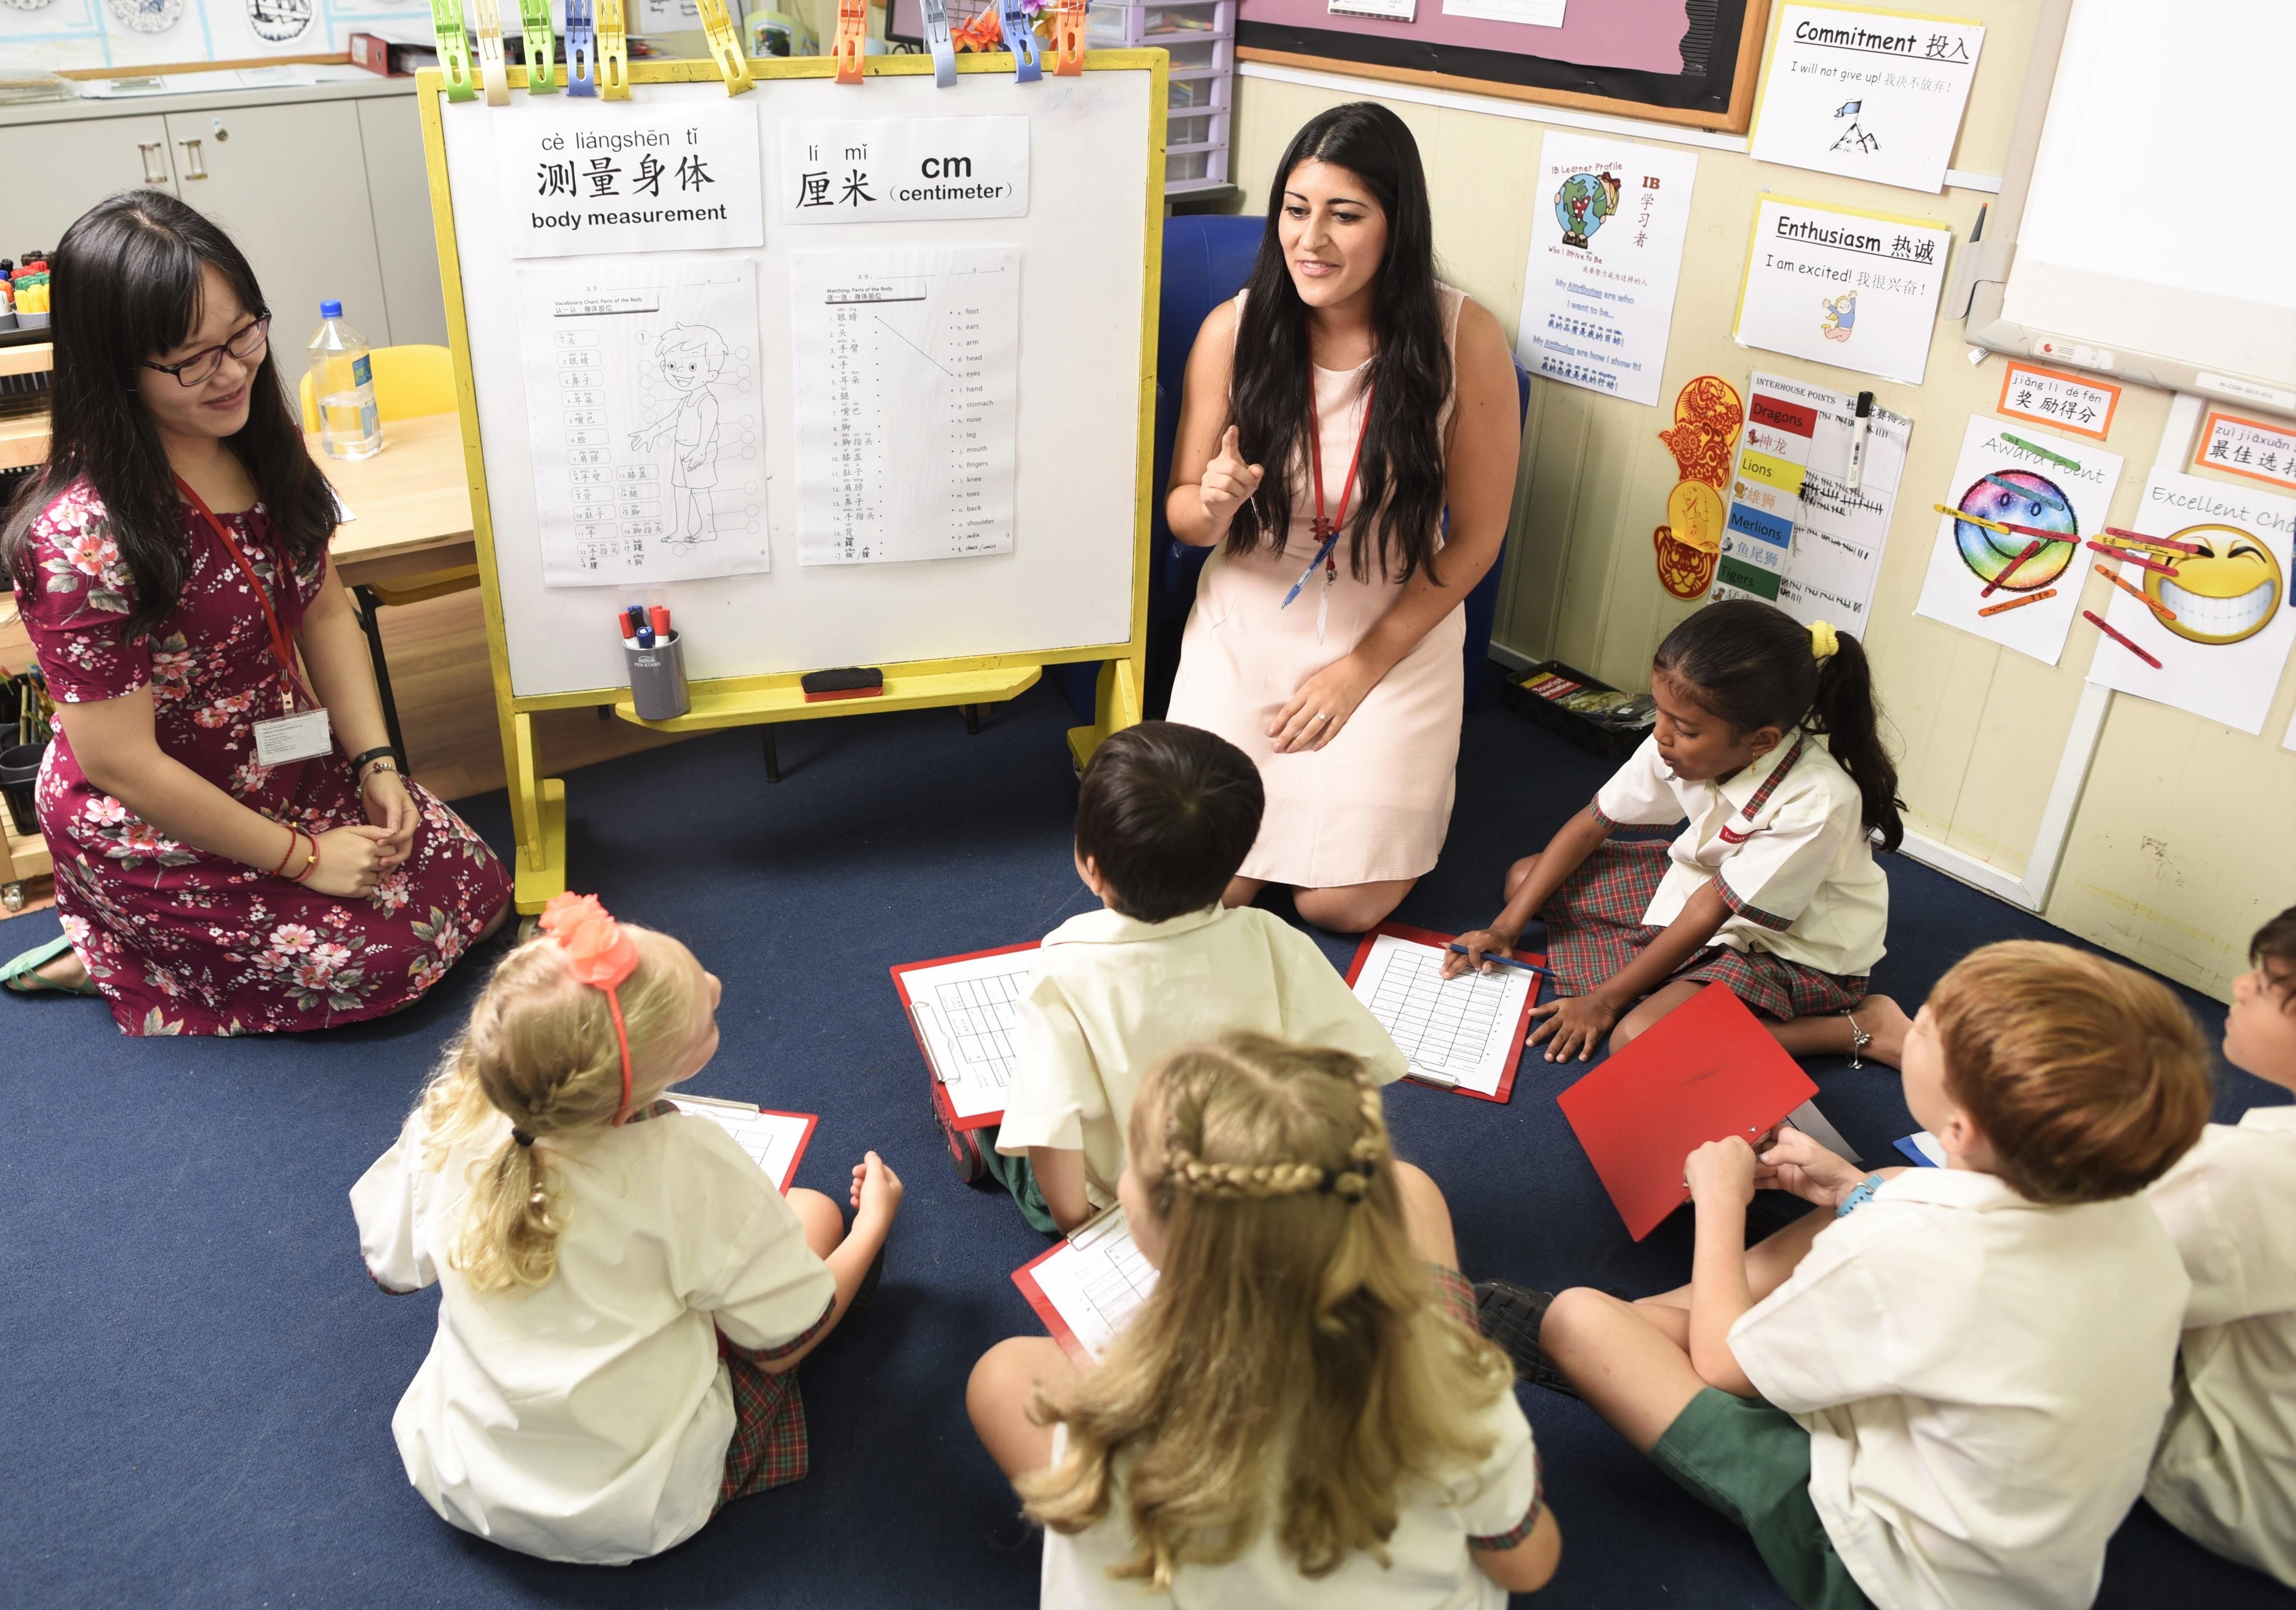 Math concepts - How do children develop an understanding?